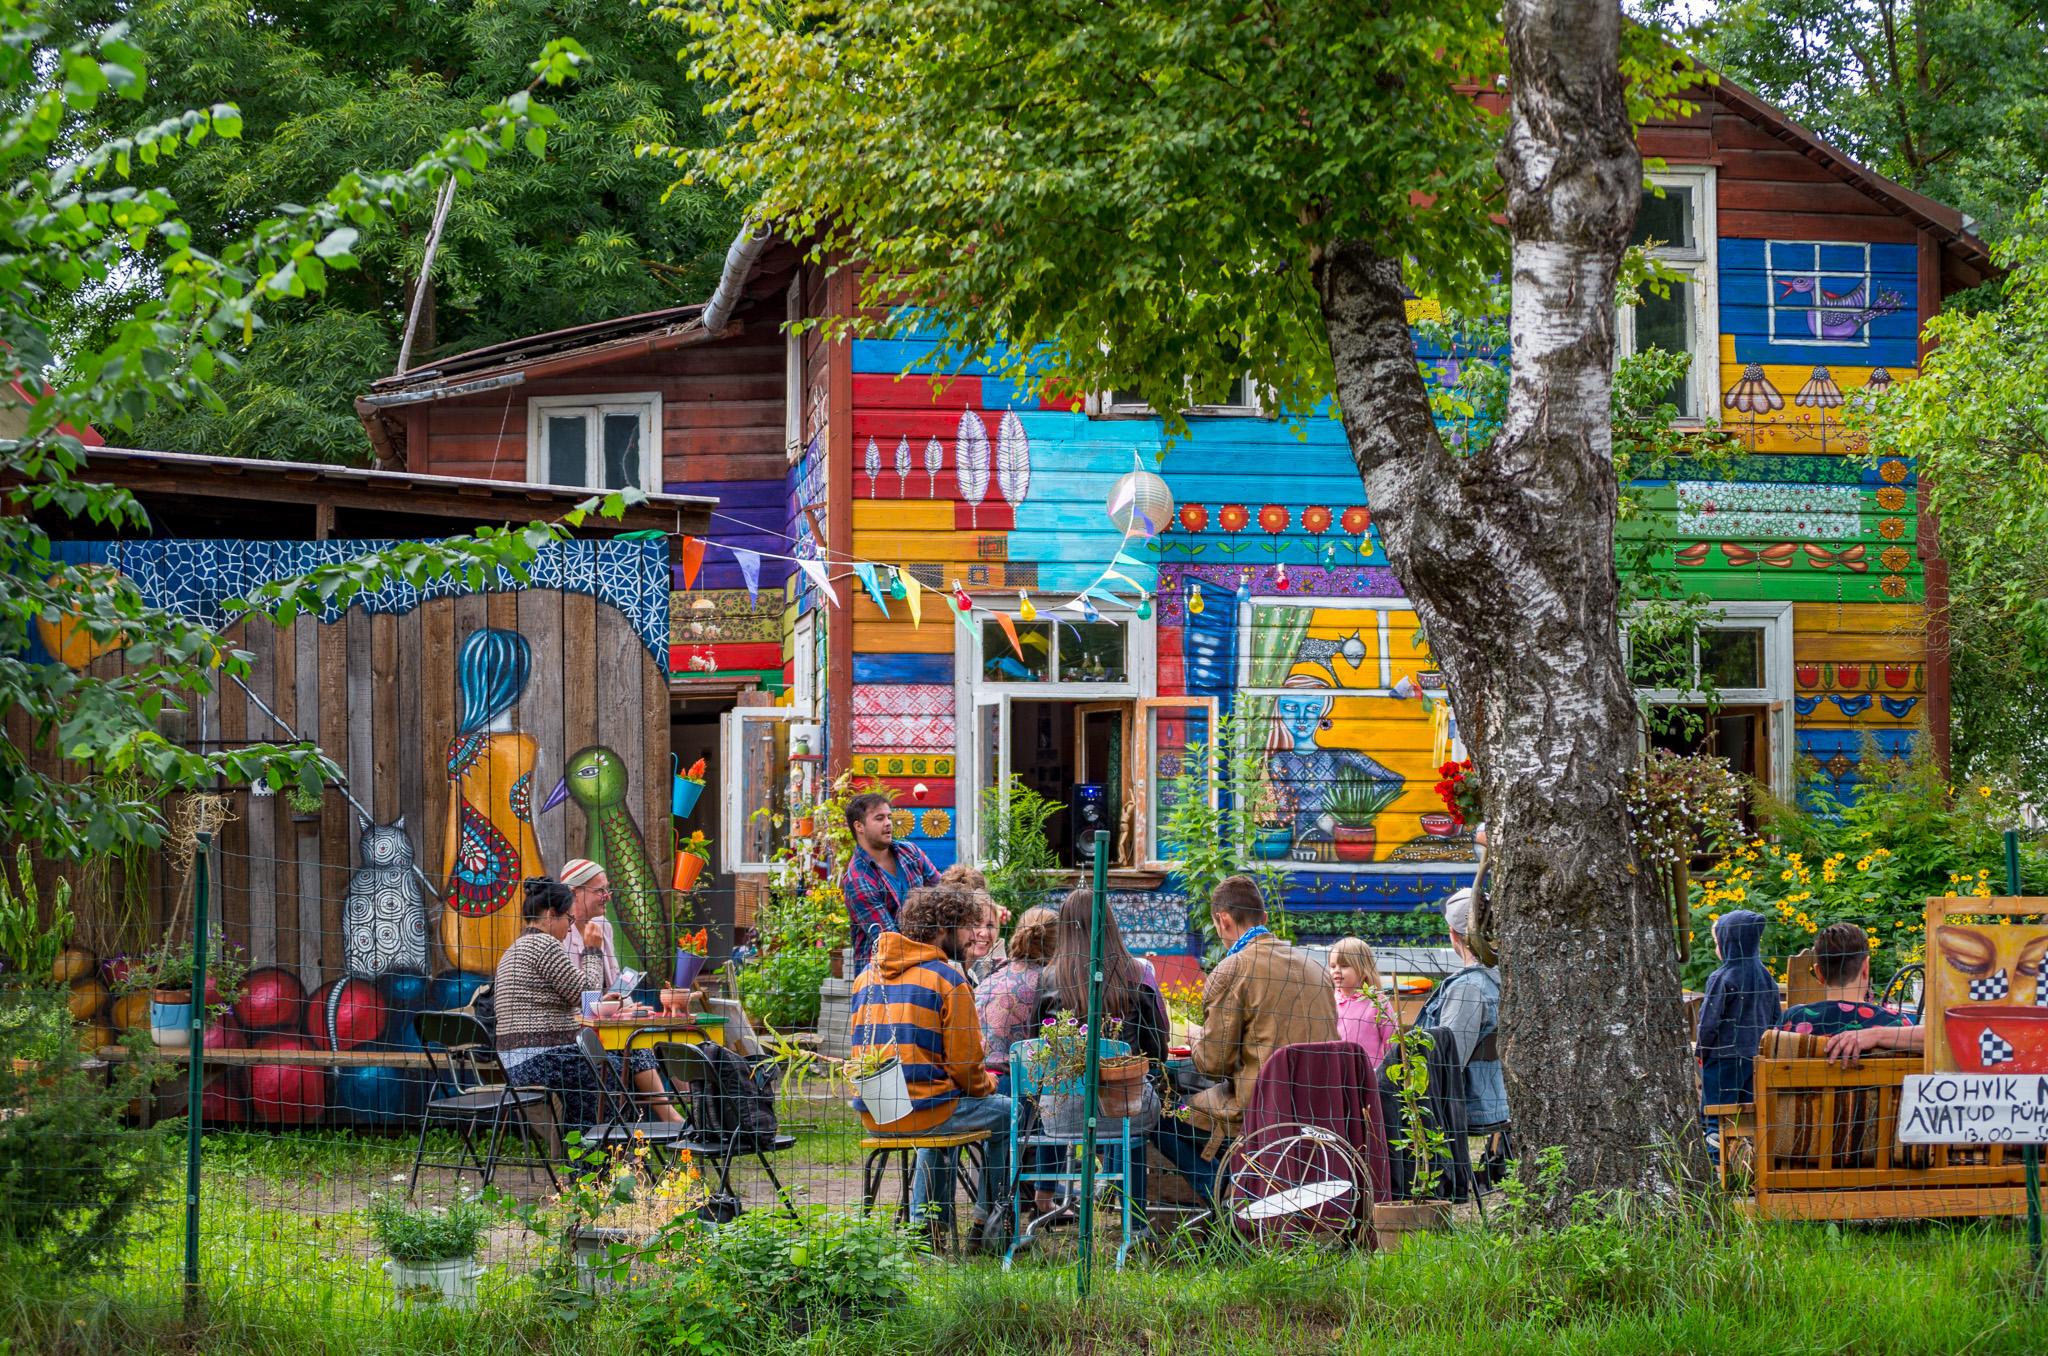 Kohvik Naba, fotograaf Sulev Lange